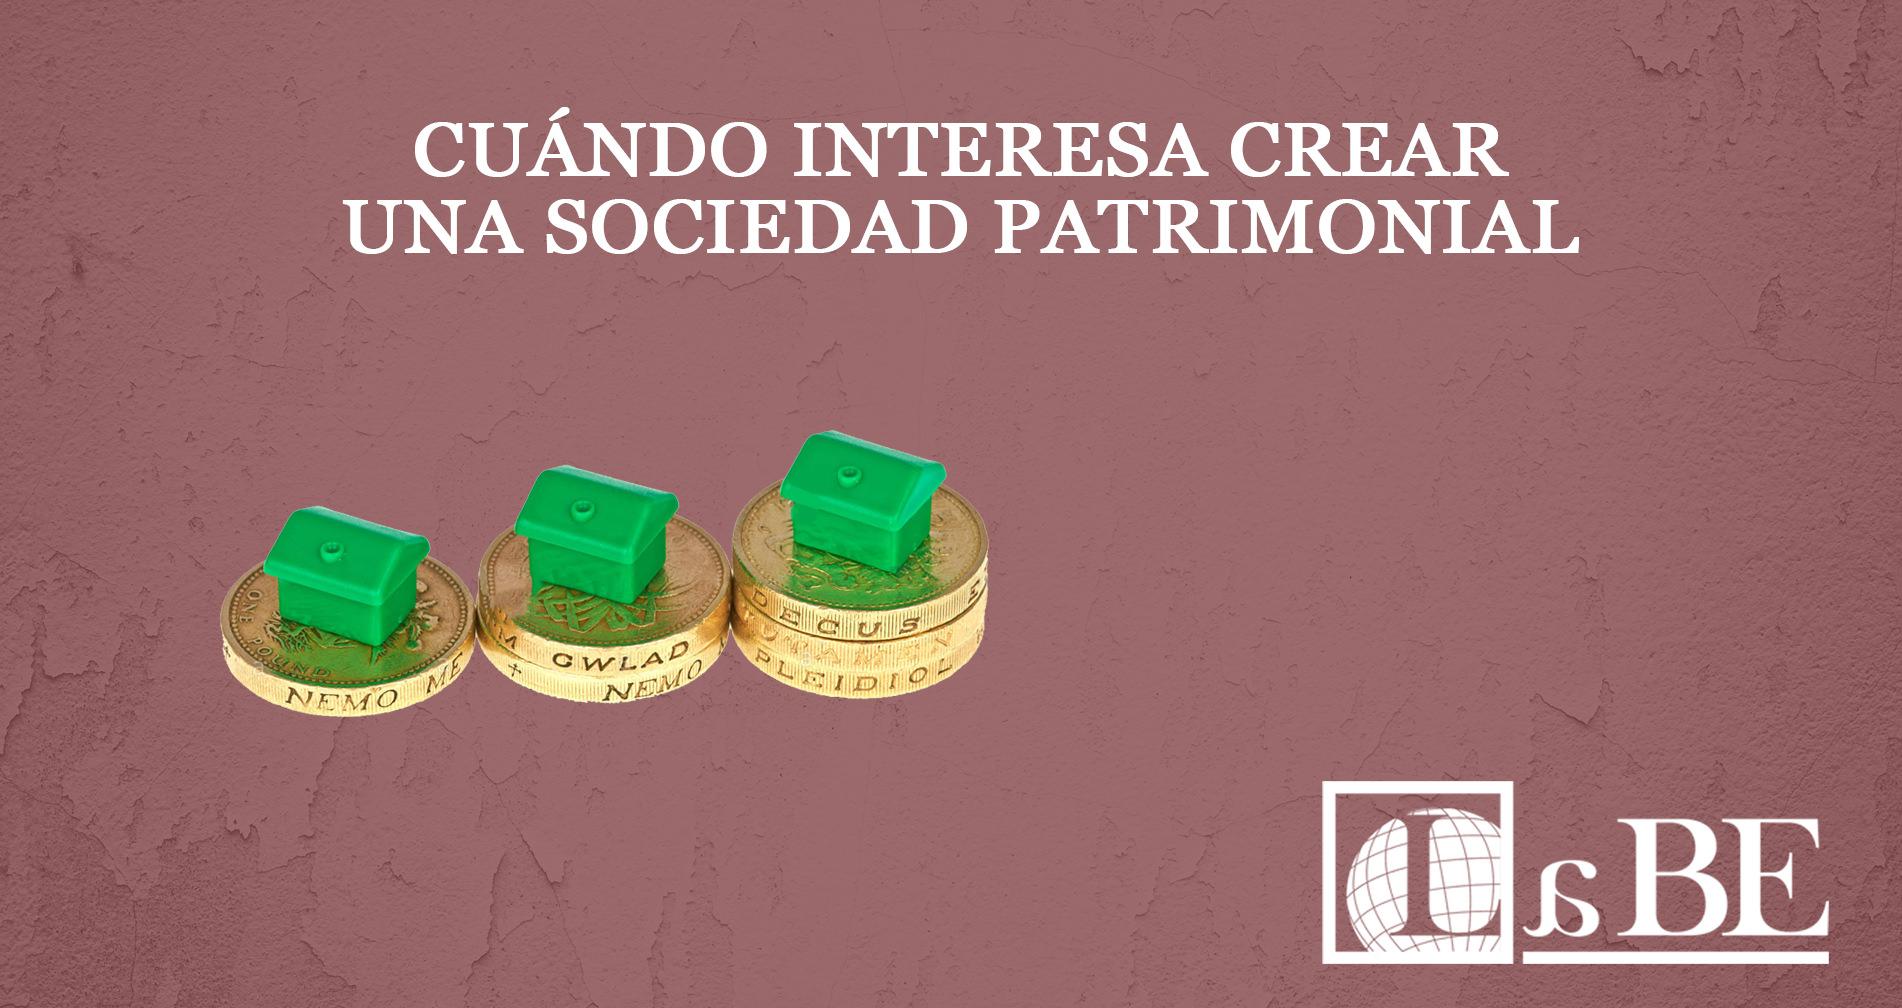 Cuándo interesa crear una Sociedad Patrimonial